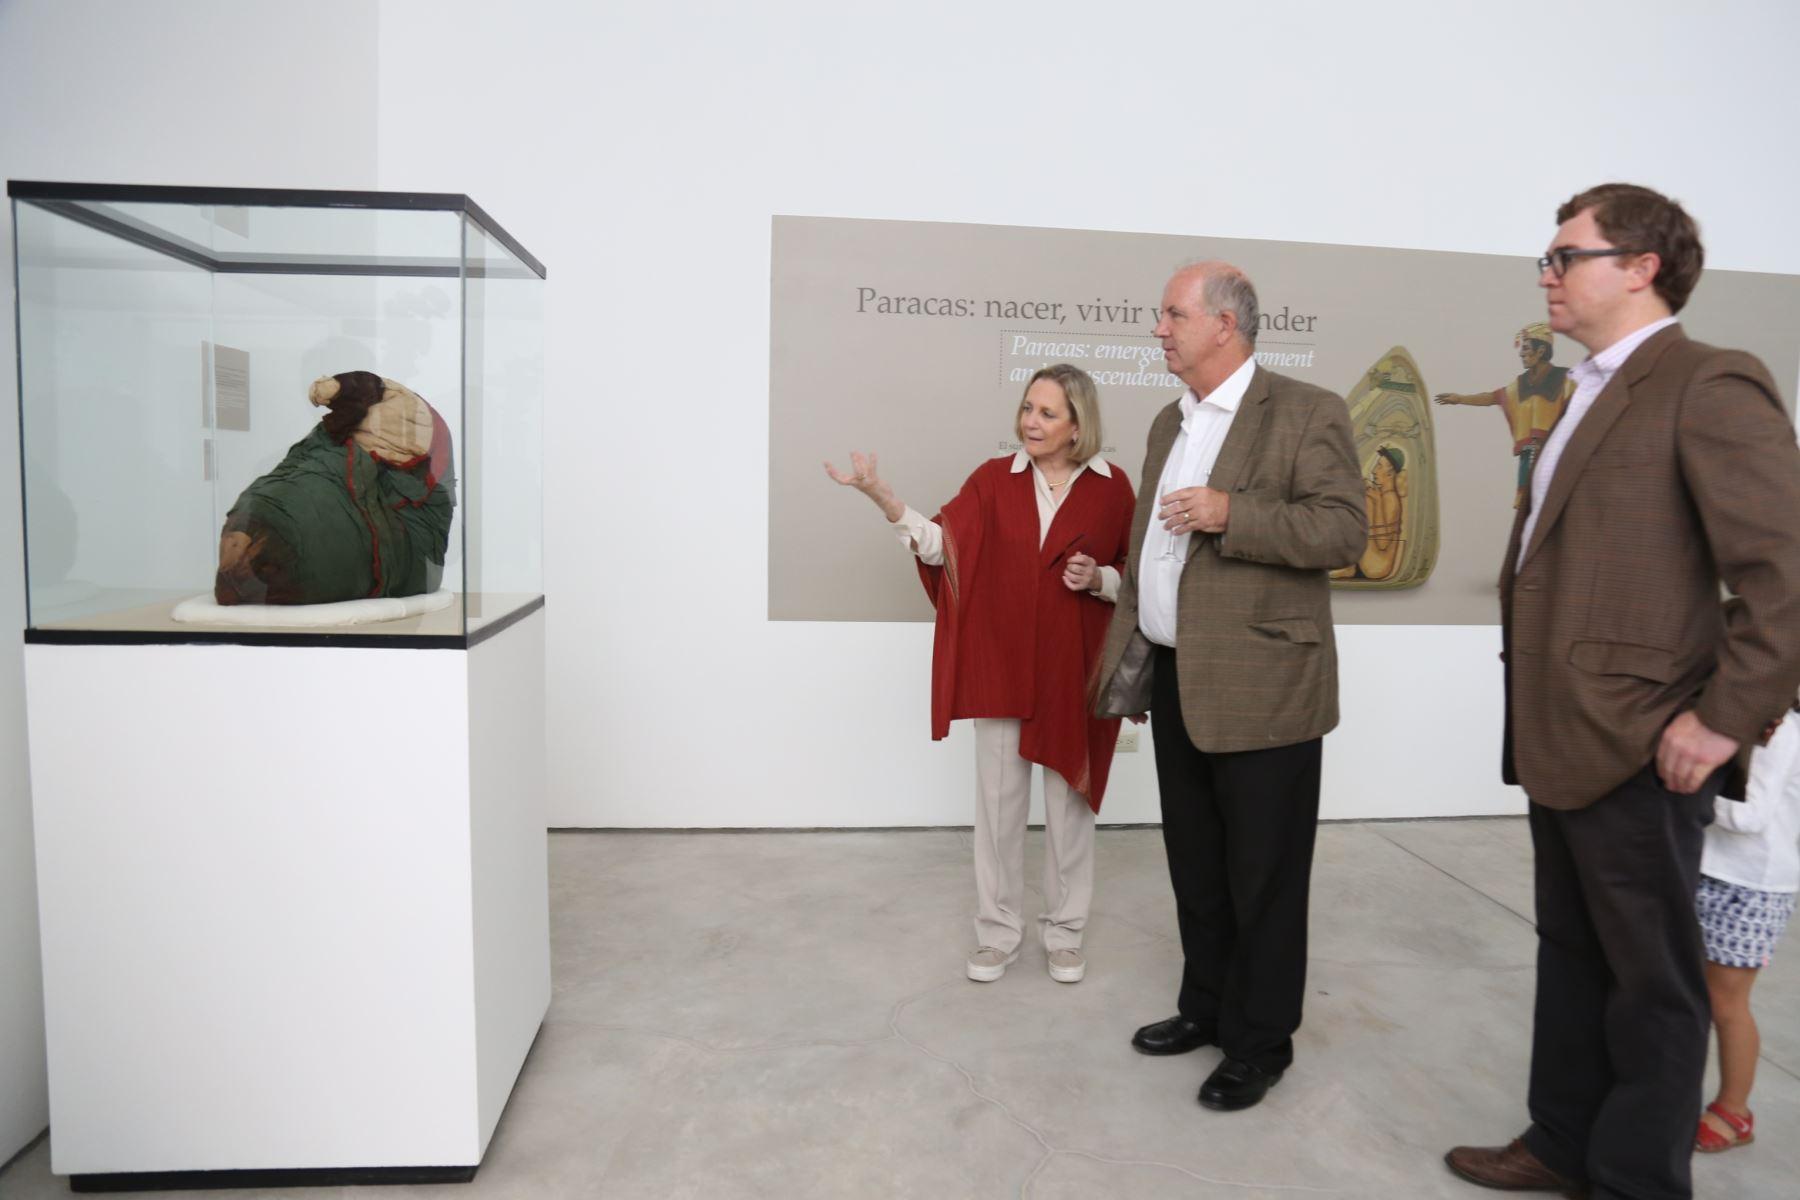 Más de 120 piezas representativas de la cultura Paracas se exhibe en museo de sitio Julio C. Tello  Foto: Ministerio de Cultura